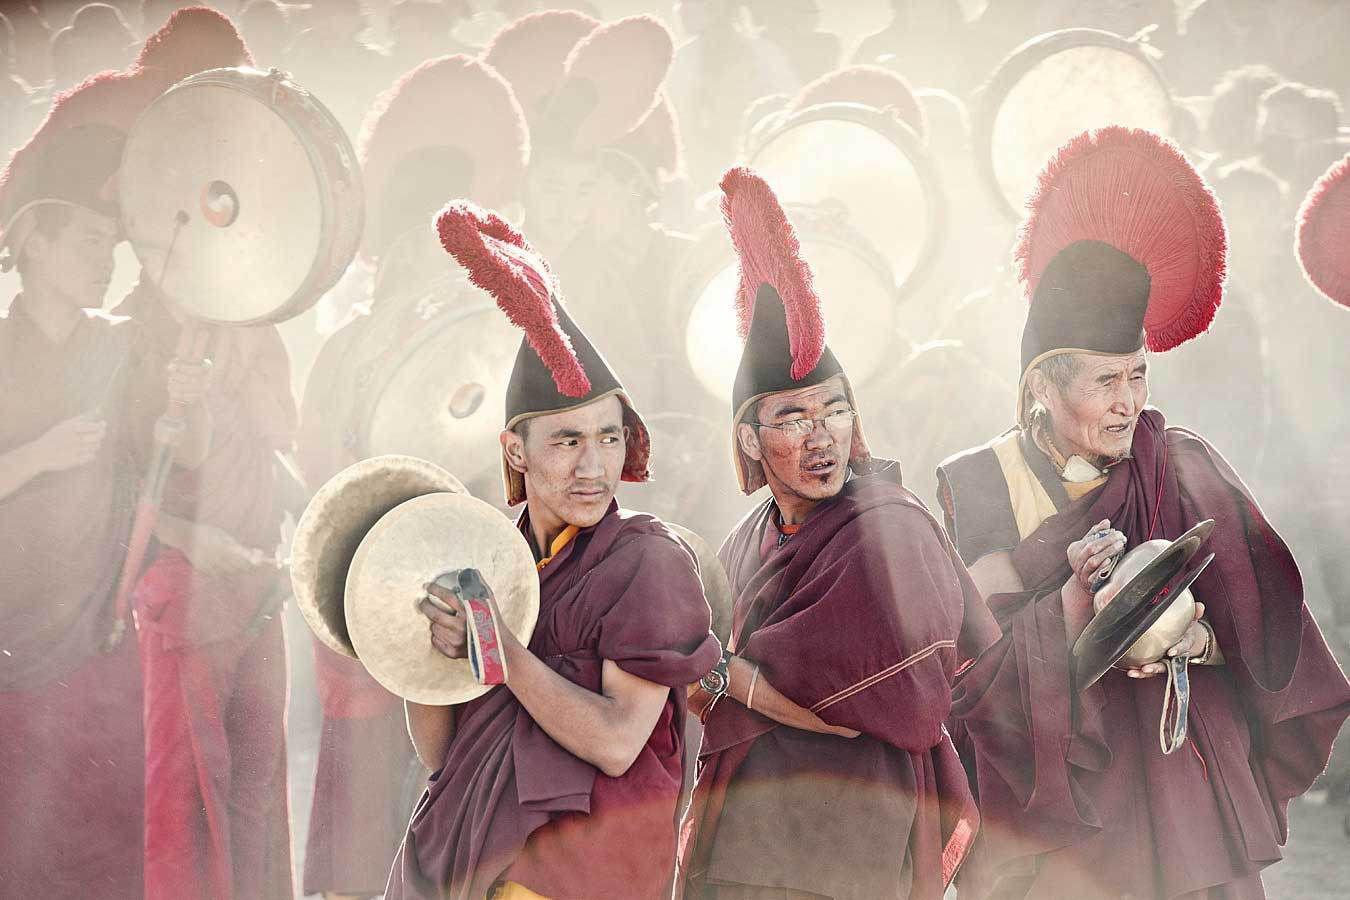 Lạ lùng bộ tộc có anh em một nhà lấy chung vợ ở Tây Tạng - Ảnh 2.